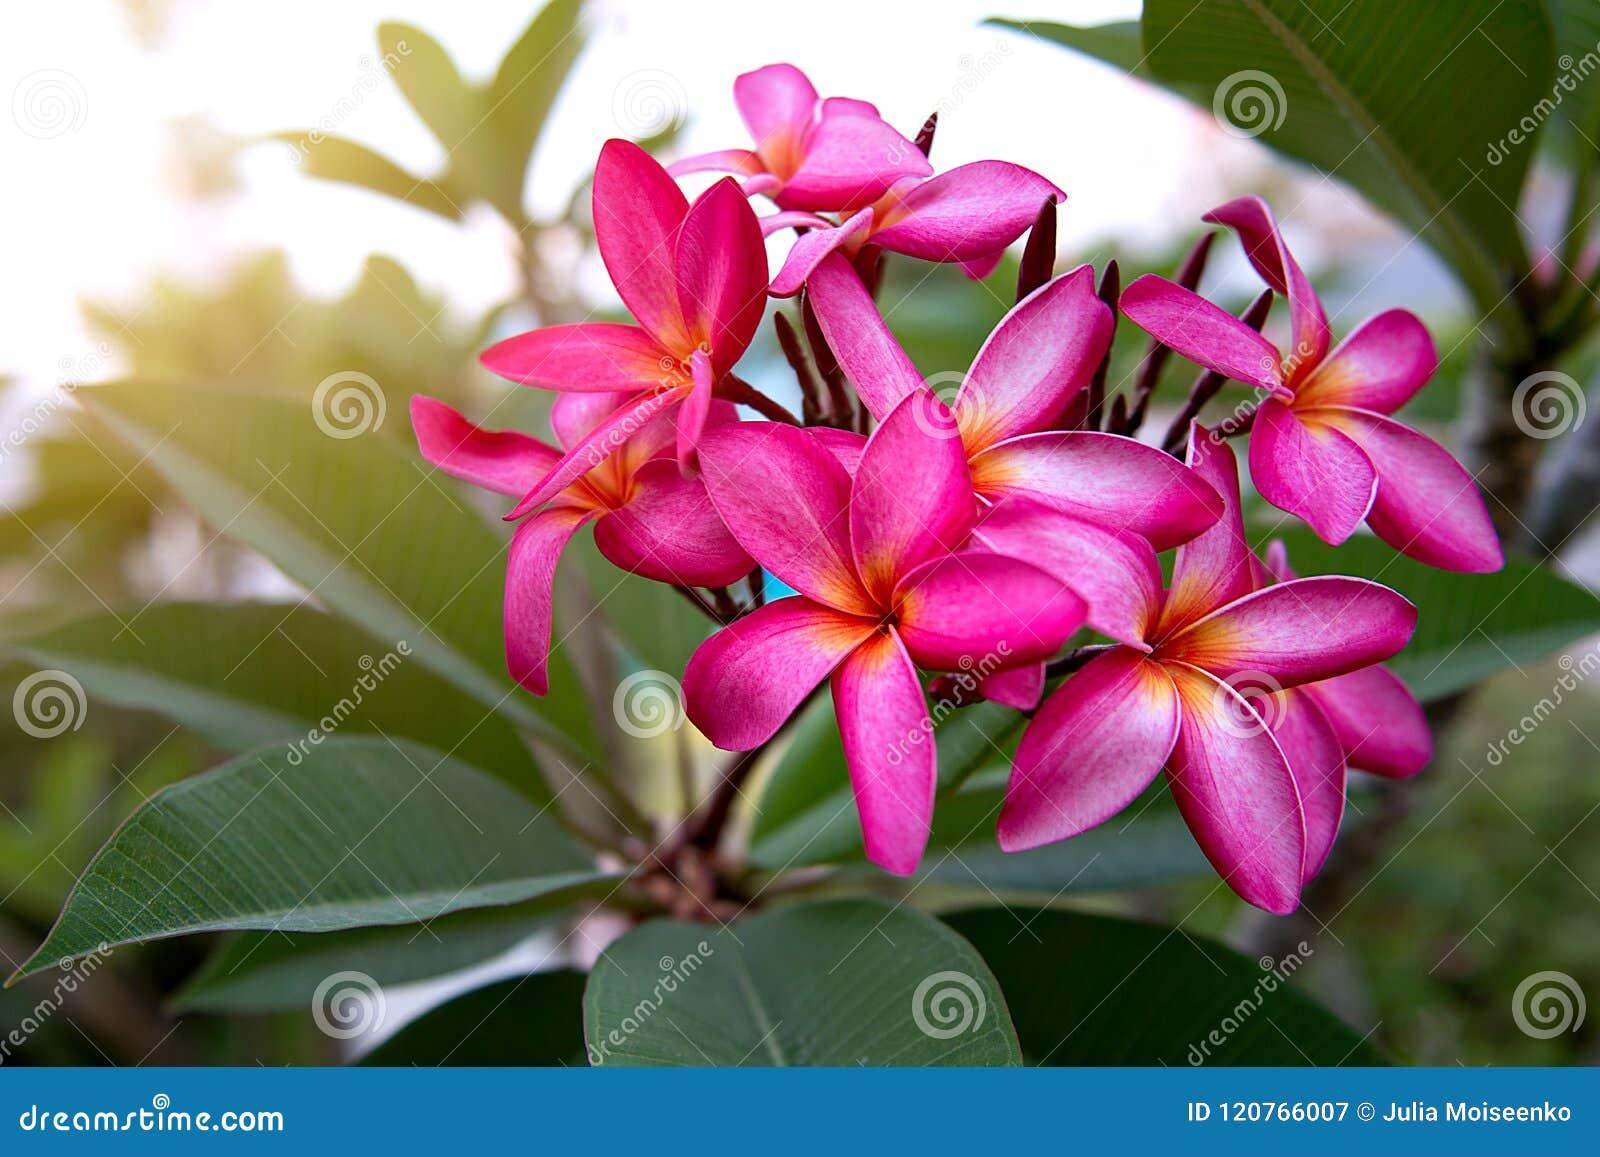 Beaucoup De Belle Coloree Horticulture Dans Les Tropiques Flowe